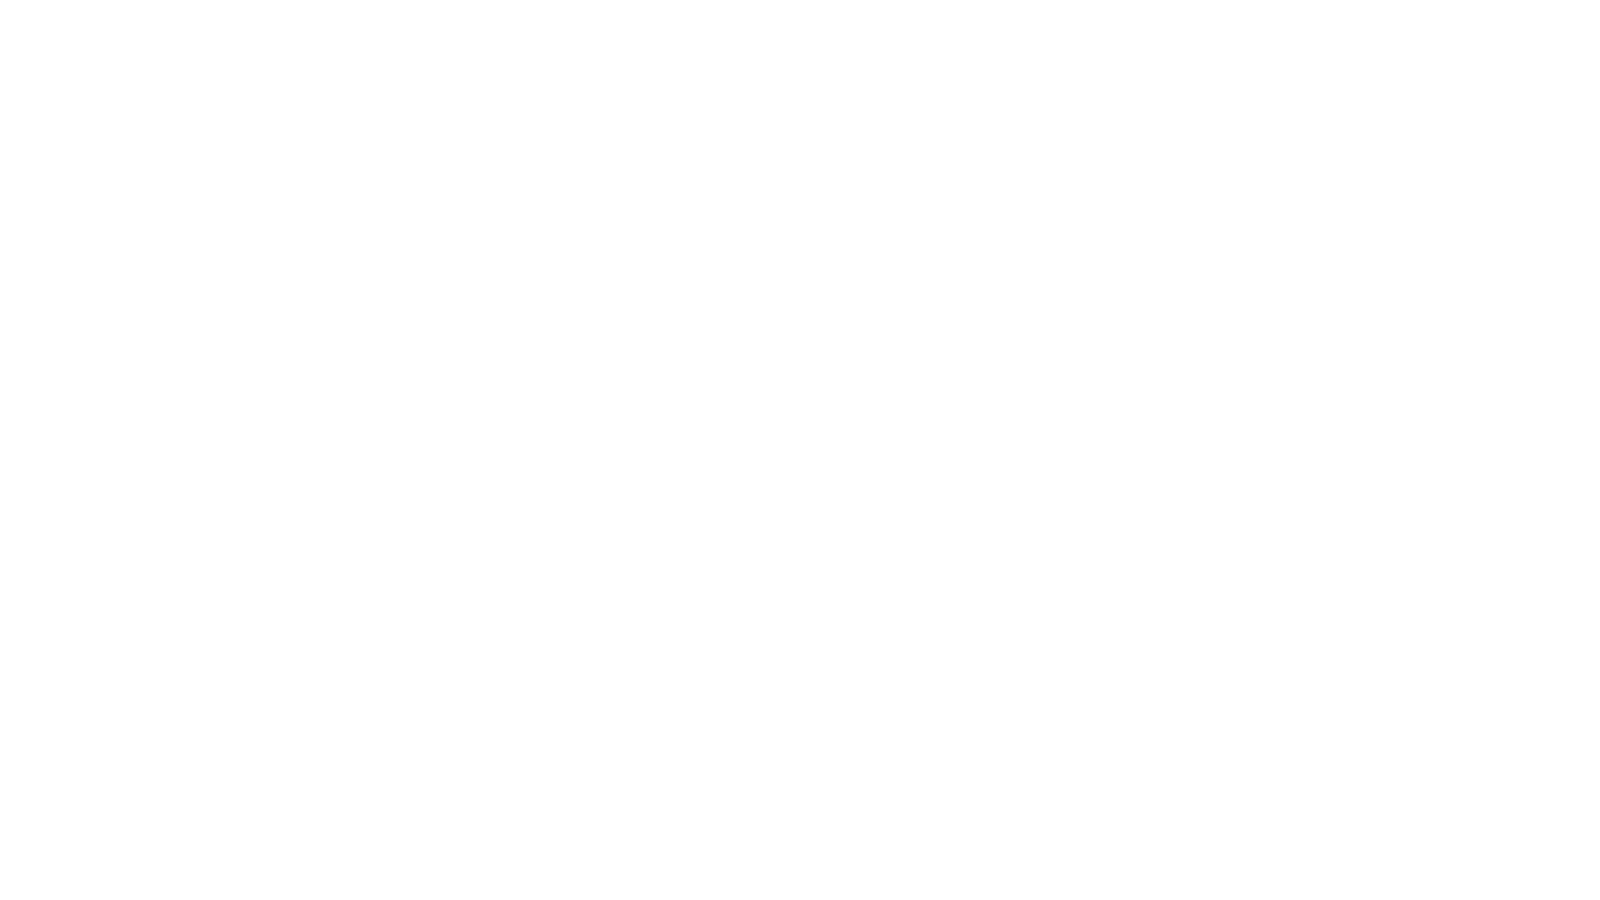 El pasado Martes Santo, se celebró en la Parroquia de Nuestra Señora de la Encarnación una Eucaristía en honor a la imagen de Santísimo Cristo Crucificado de los Estudiantes, en el cual la Sagrada Imagen realizó un traslado Claustral, portada por jóvenes y mayores de la sección, cumpliendo en todo momento con las medidas de seguridad, acompañado por nuestro Párroco y Director Espiritual D. Juan de Jesús Báez Torres.  Video realizado por Nazaret Gil.